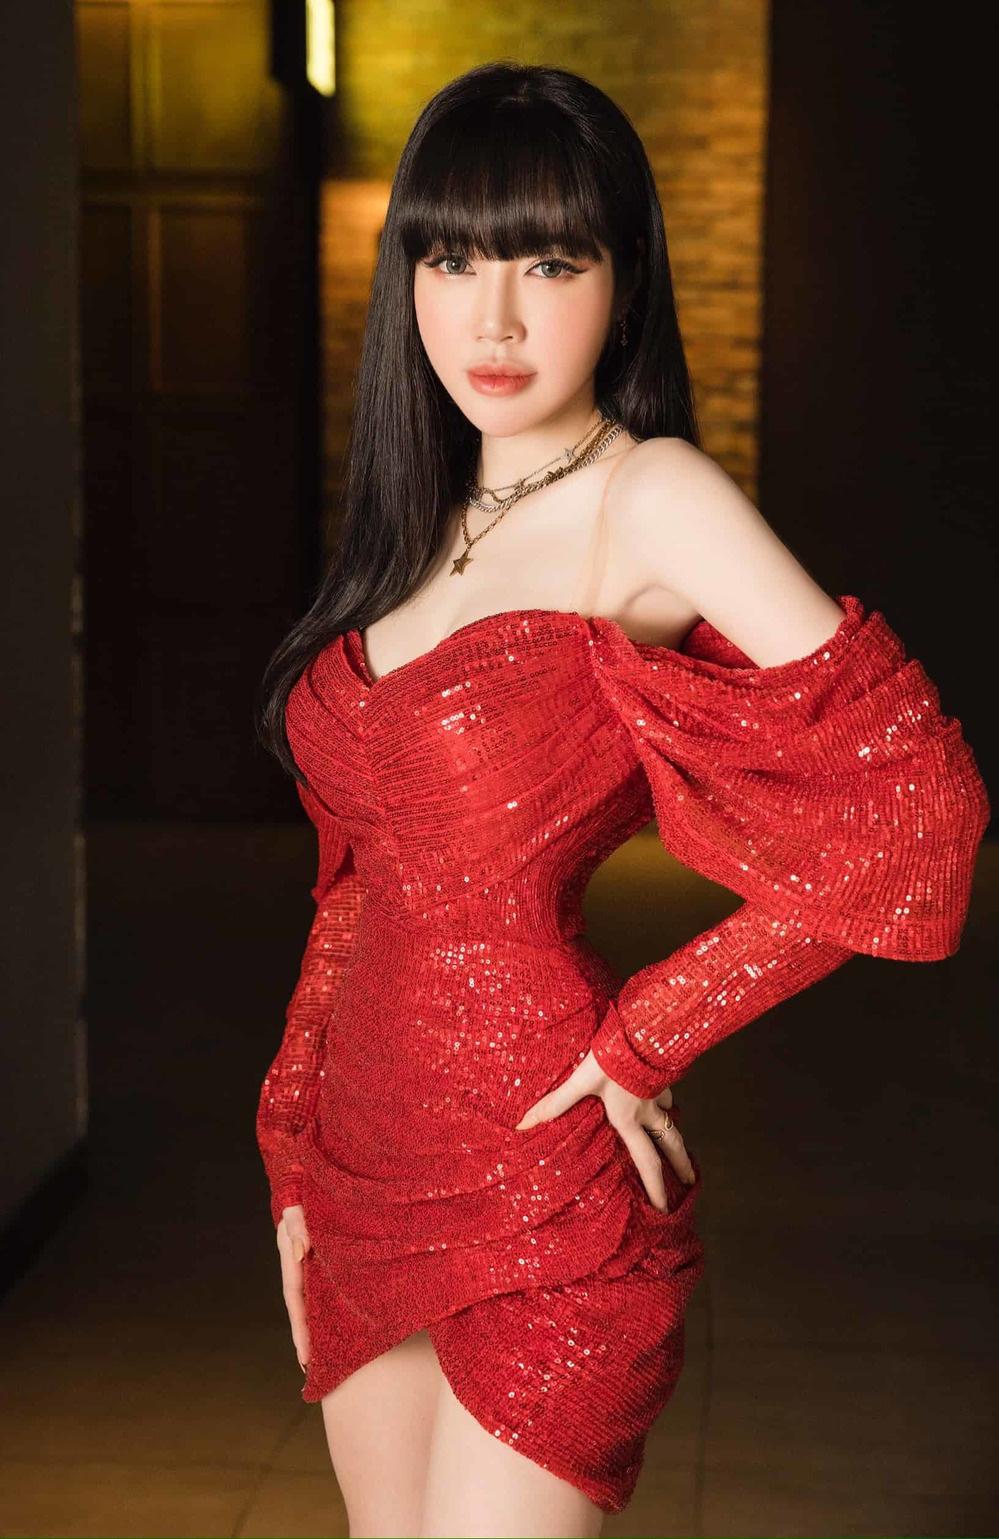 """Khó nhận ra Hồng Diễm khi lên đồ sexy đi """"đu đưa"""", chẳng ngại đọ dáng nóng bỏng với eo 55cm của Elly Trần - Ảnh 5."""